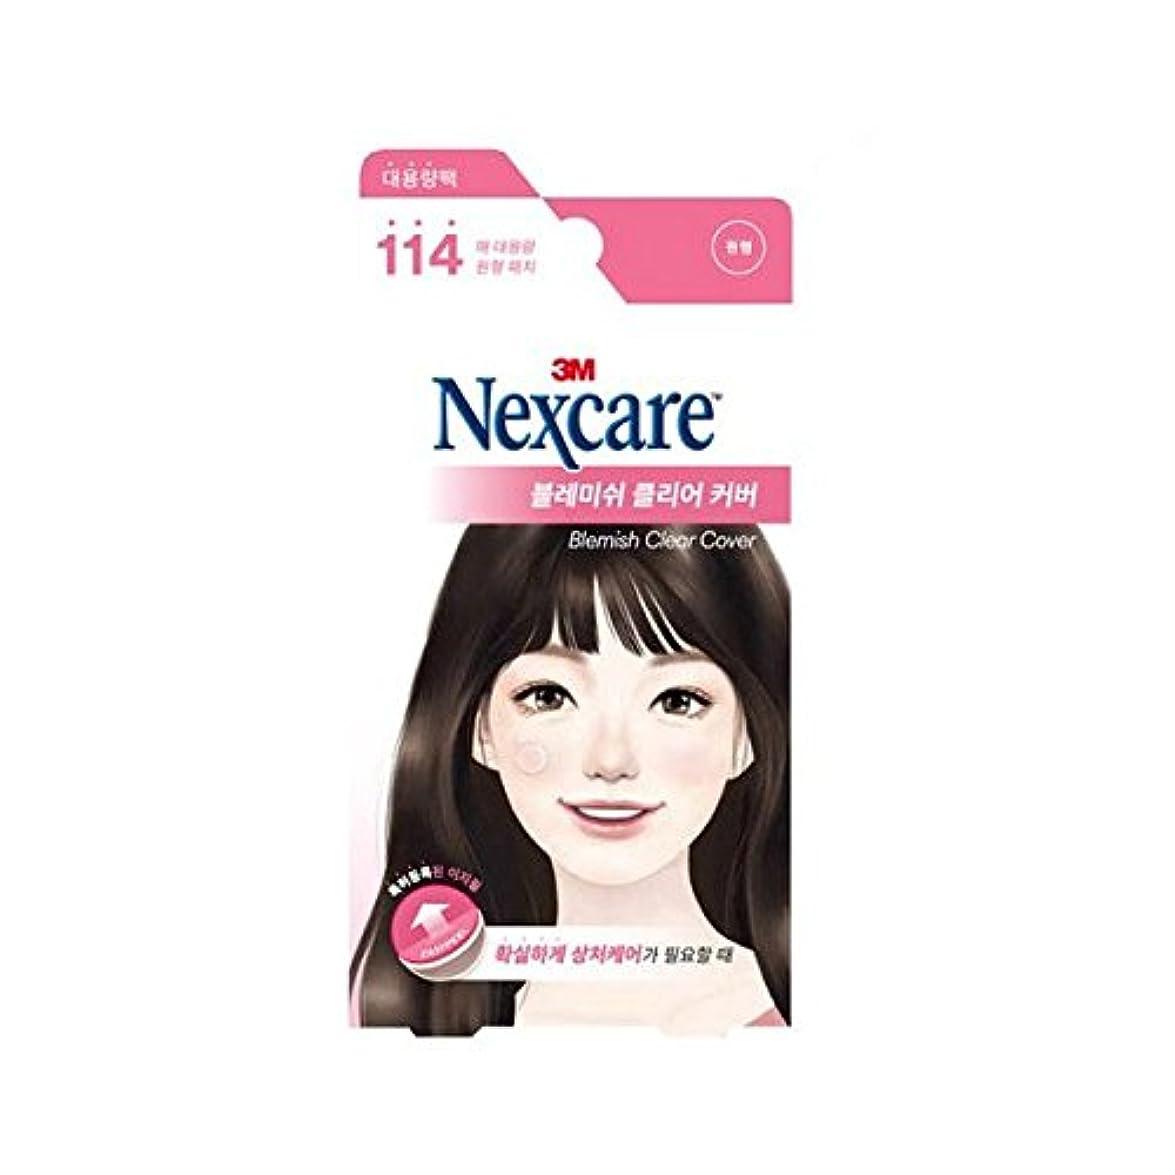 粘り強い優れたむしろ[New] 3M Nexcare Blemish Clear Cover Easy Peel 114 Patches/3M ネクスケア ブレミッシュ クリア カバー イージー ピール 114パッチ入り [並行輸入品]